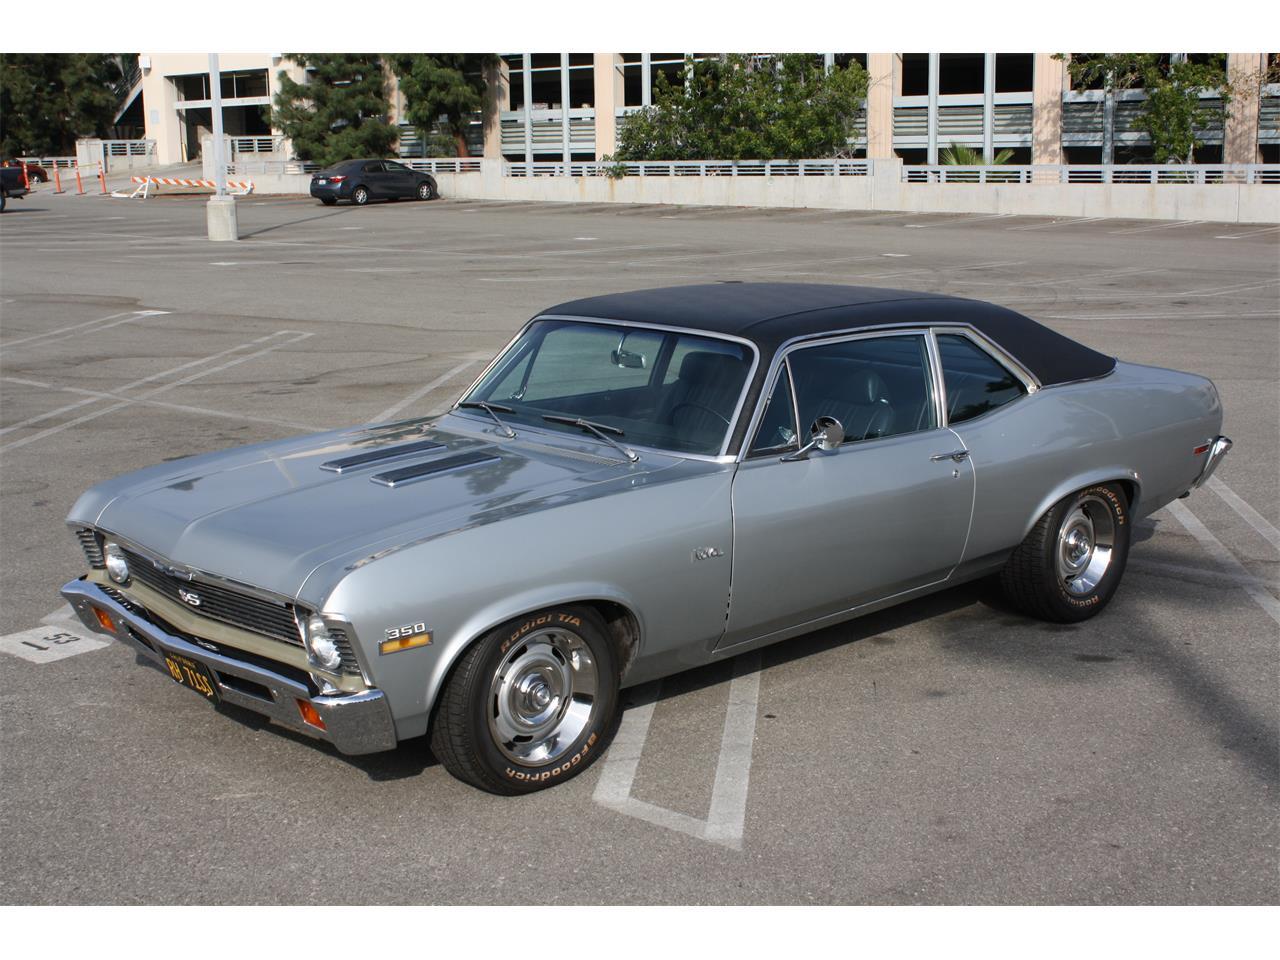 1971 Chevrolet Nova SS (CC-1422397) for sale in Pasadena, California